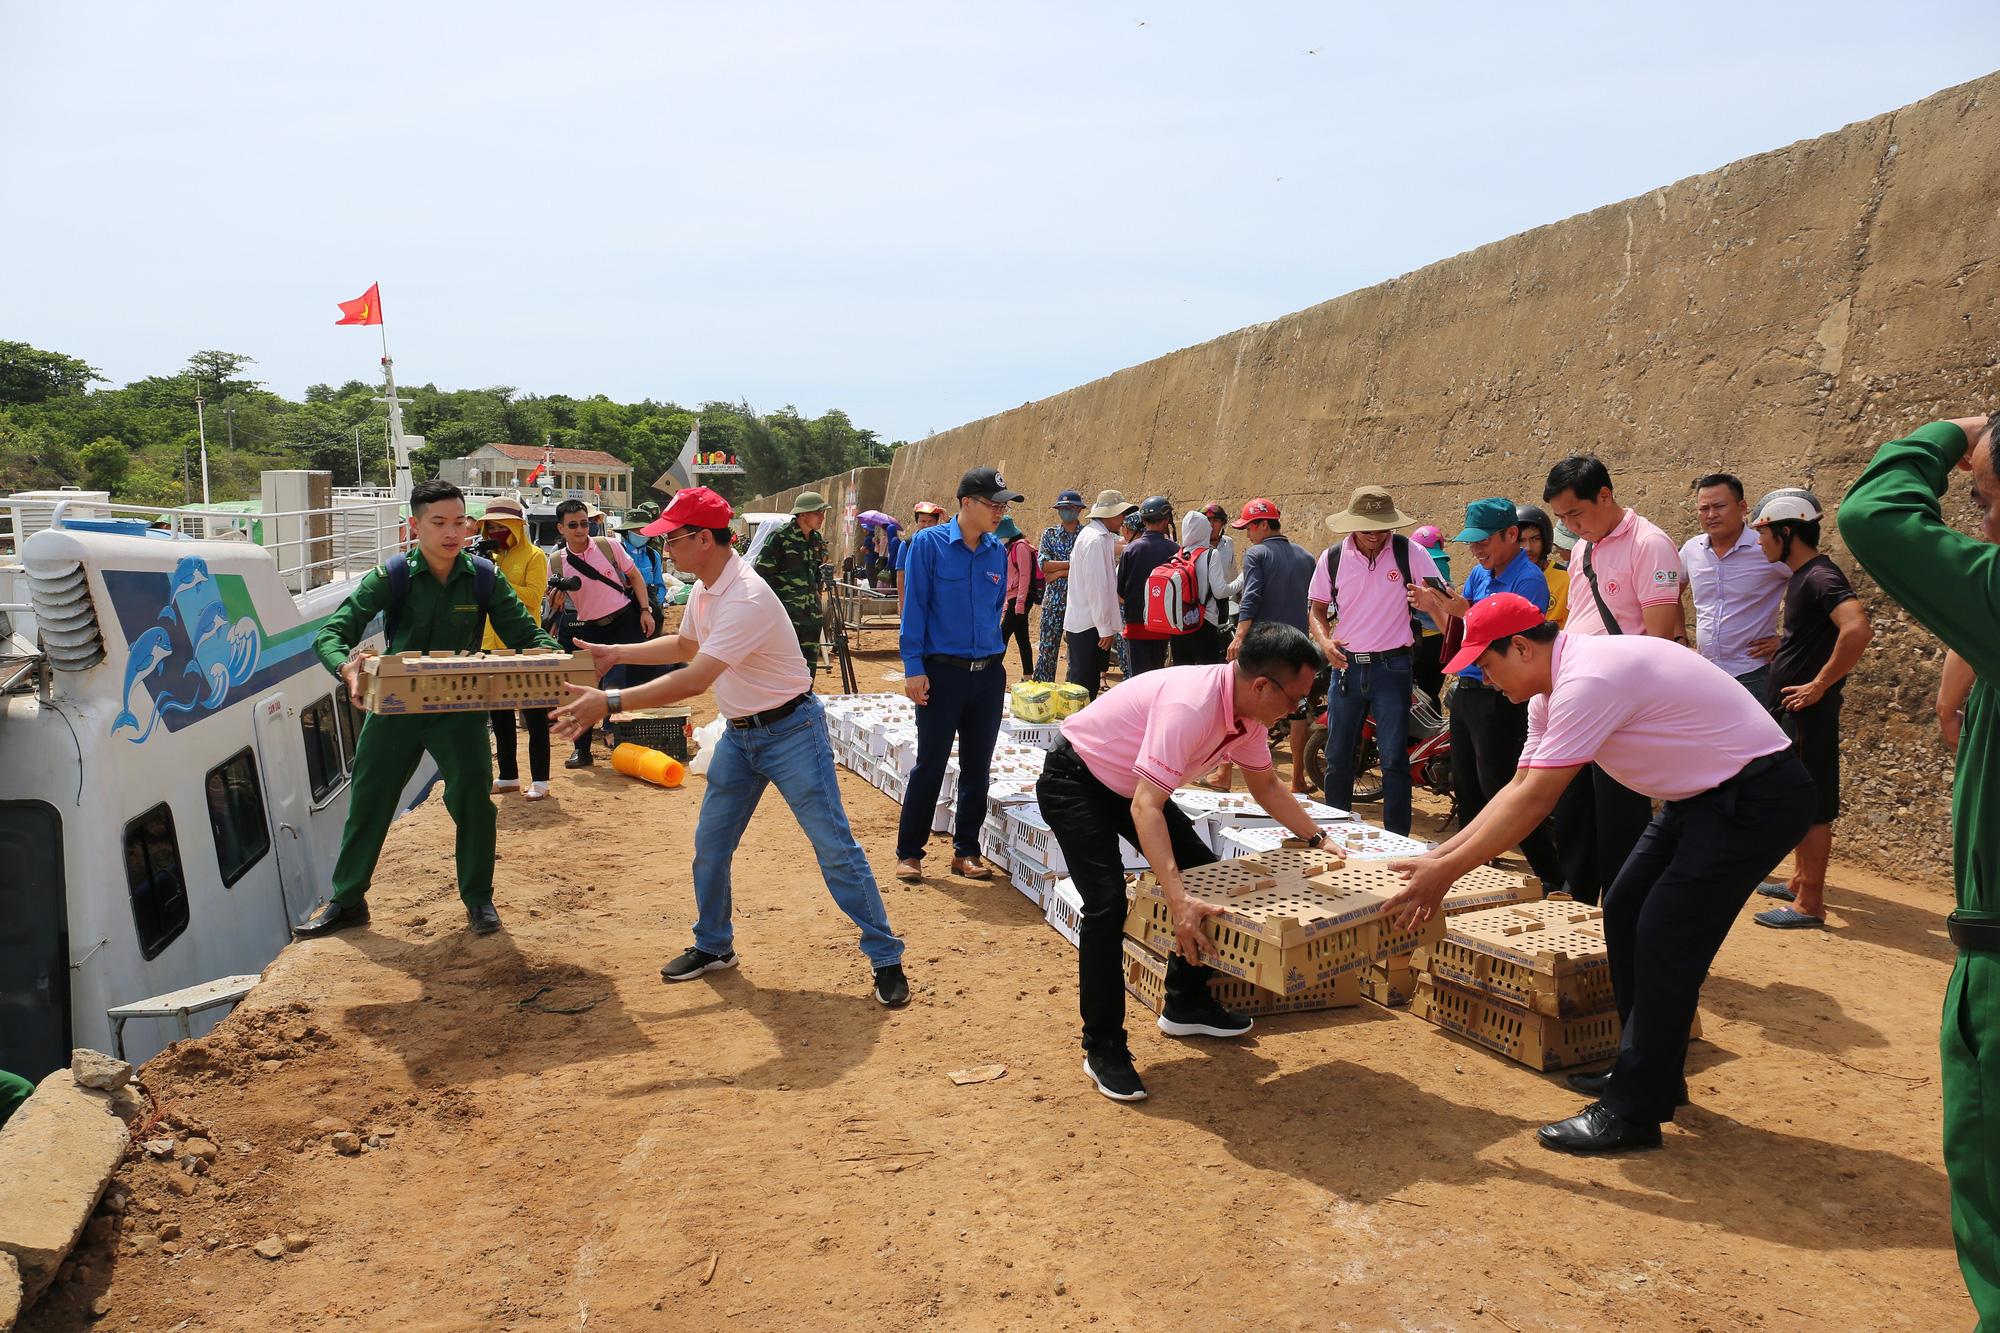 CPV tham gia chiến dịch tình nguyện hè 2020 tại đảo Cồn Cỏ - Ảnh 1.